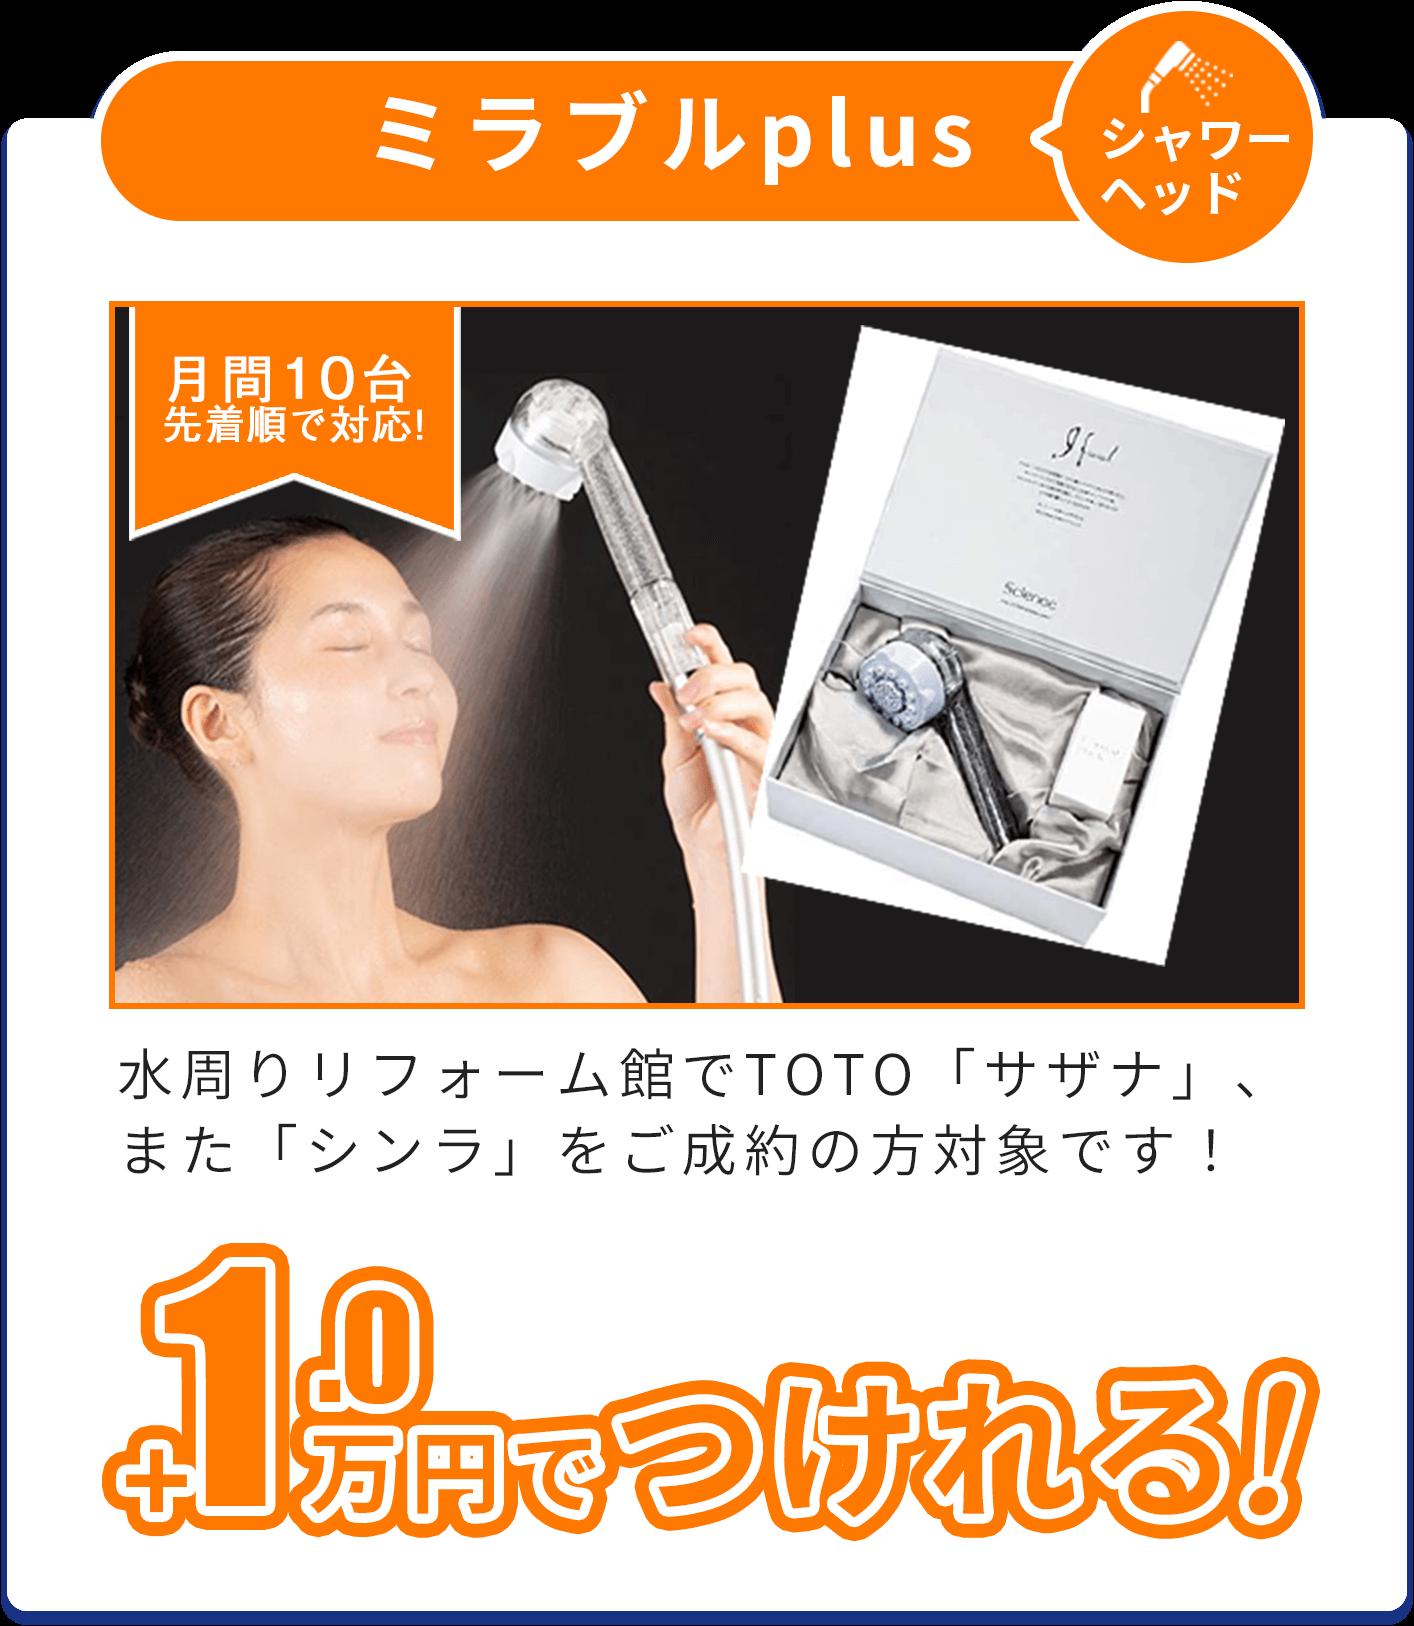 ミラブルplus(シャワーヘッド) 水周りリフォーム館でTOTO「サザナ」、また「シンラ」をご成約の方対象です! +1.0万円でつけれる!